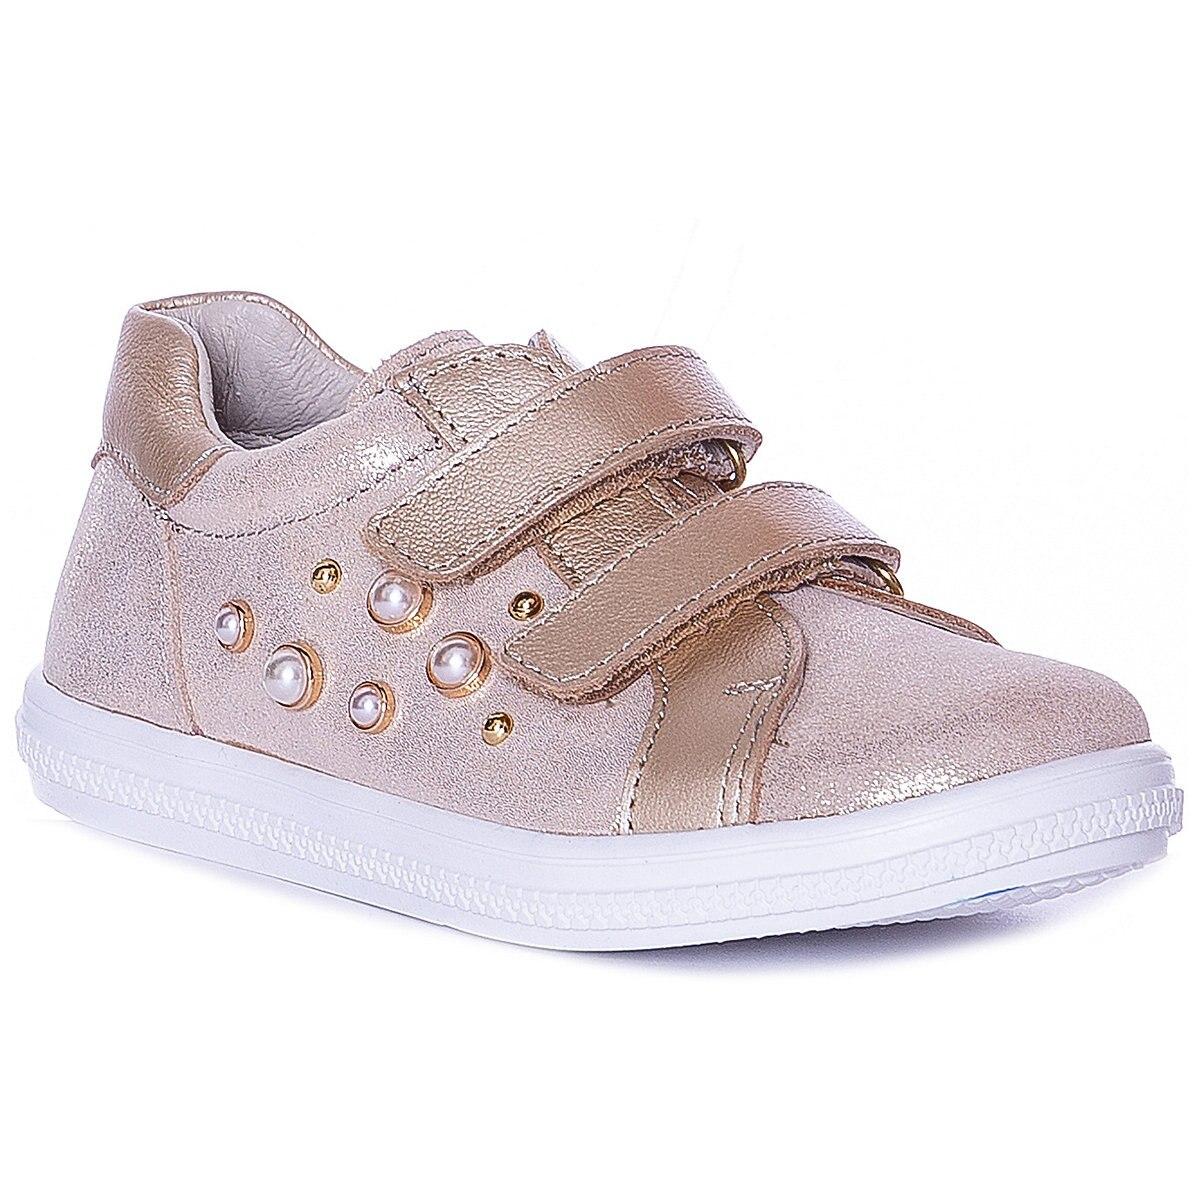 KOTOFEY enfants chaussures décontractées 10813962 baskets chaussures de course pour enfants or sport filles en cuir